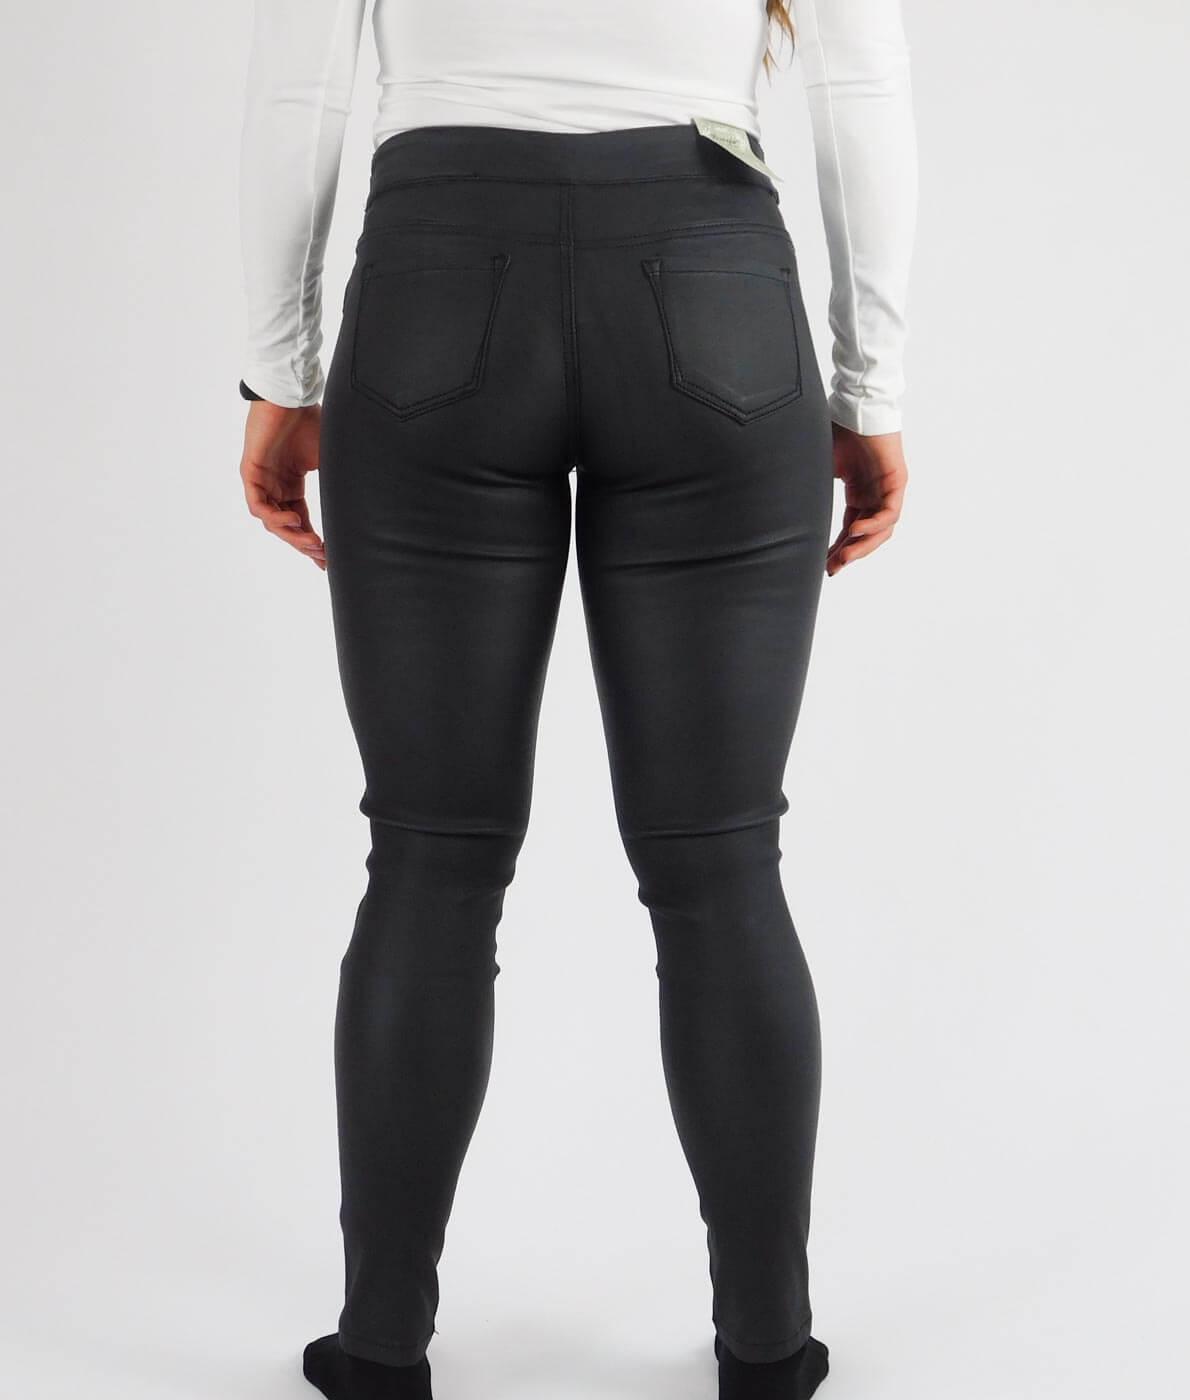 aa827a3704 Fekete, bőrhatású női sztreccs nadrág - 13778 • Dorien